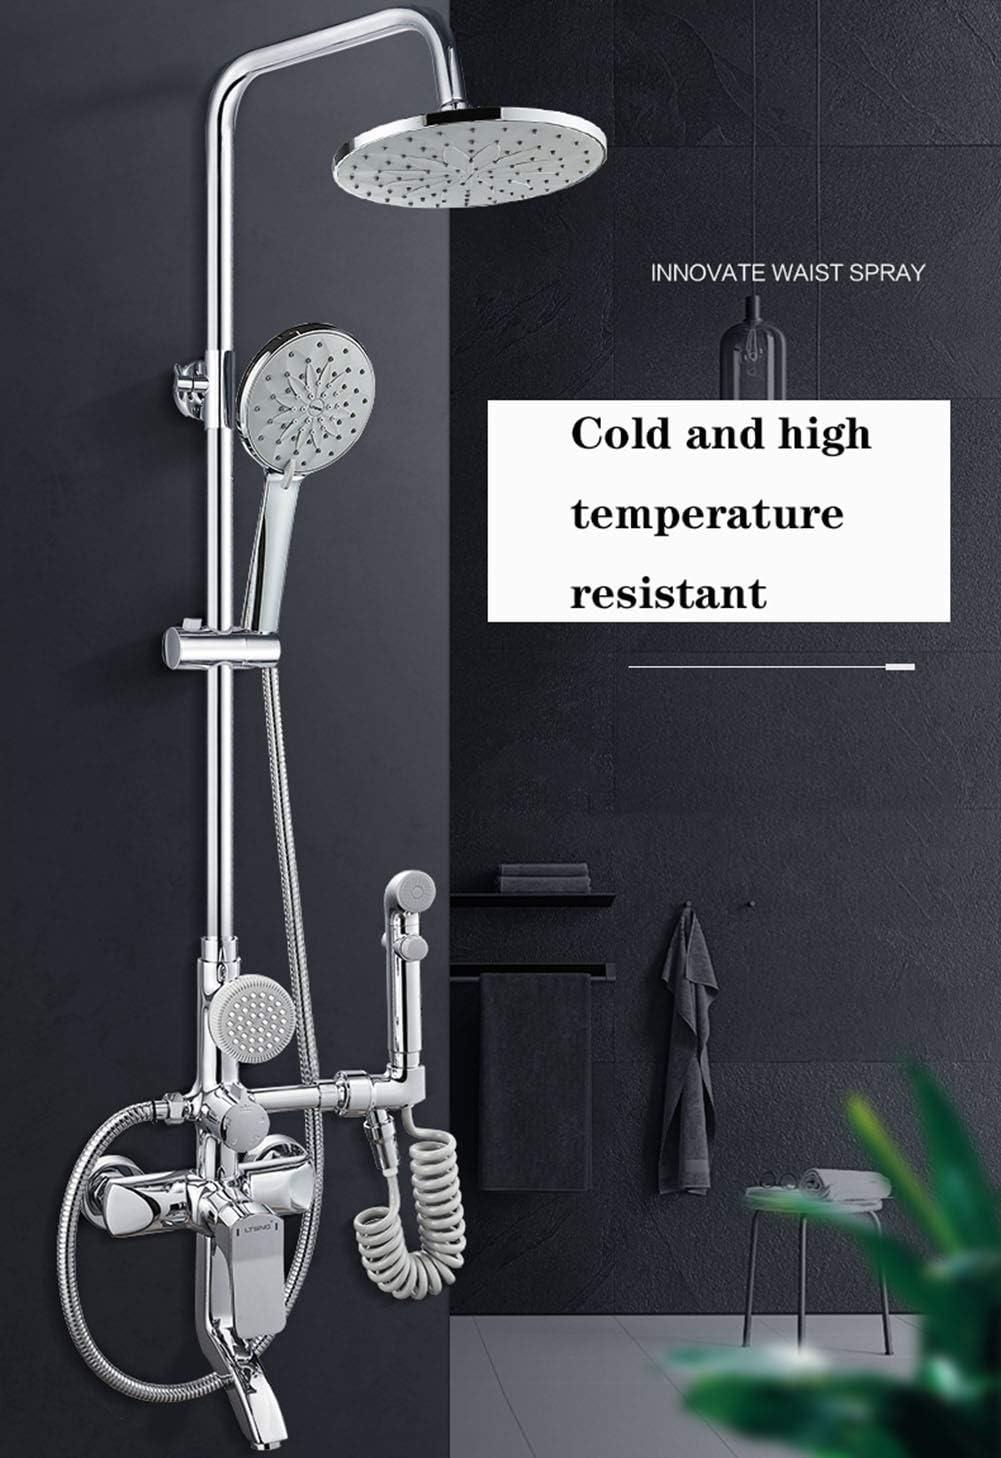 XUE-tap Sistema de Ducha de Lluvia Grifo de Cobre Completo Masaje de Cinco velocidades SPA Baño Ducha Ducha de Lluvia con Grifo de Ducha de Mano: Amazon.es: Hogar